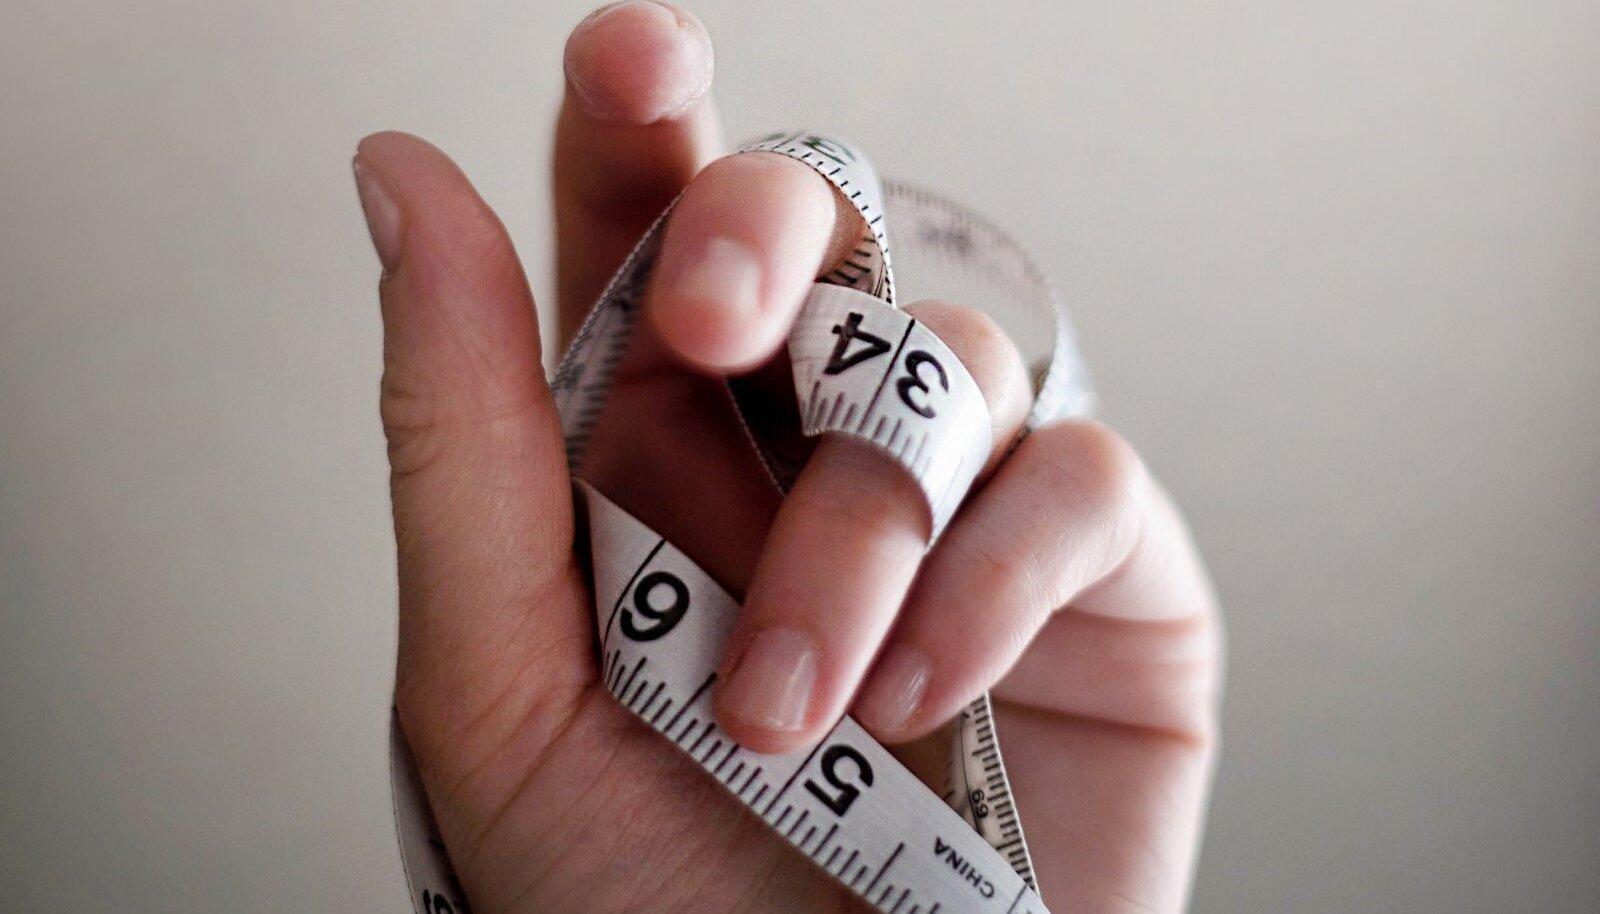 naljakas kaalulangus motiveerivad plakatid rev up metabolismi ja rasva kadu